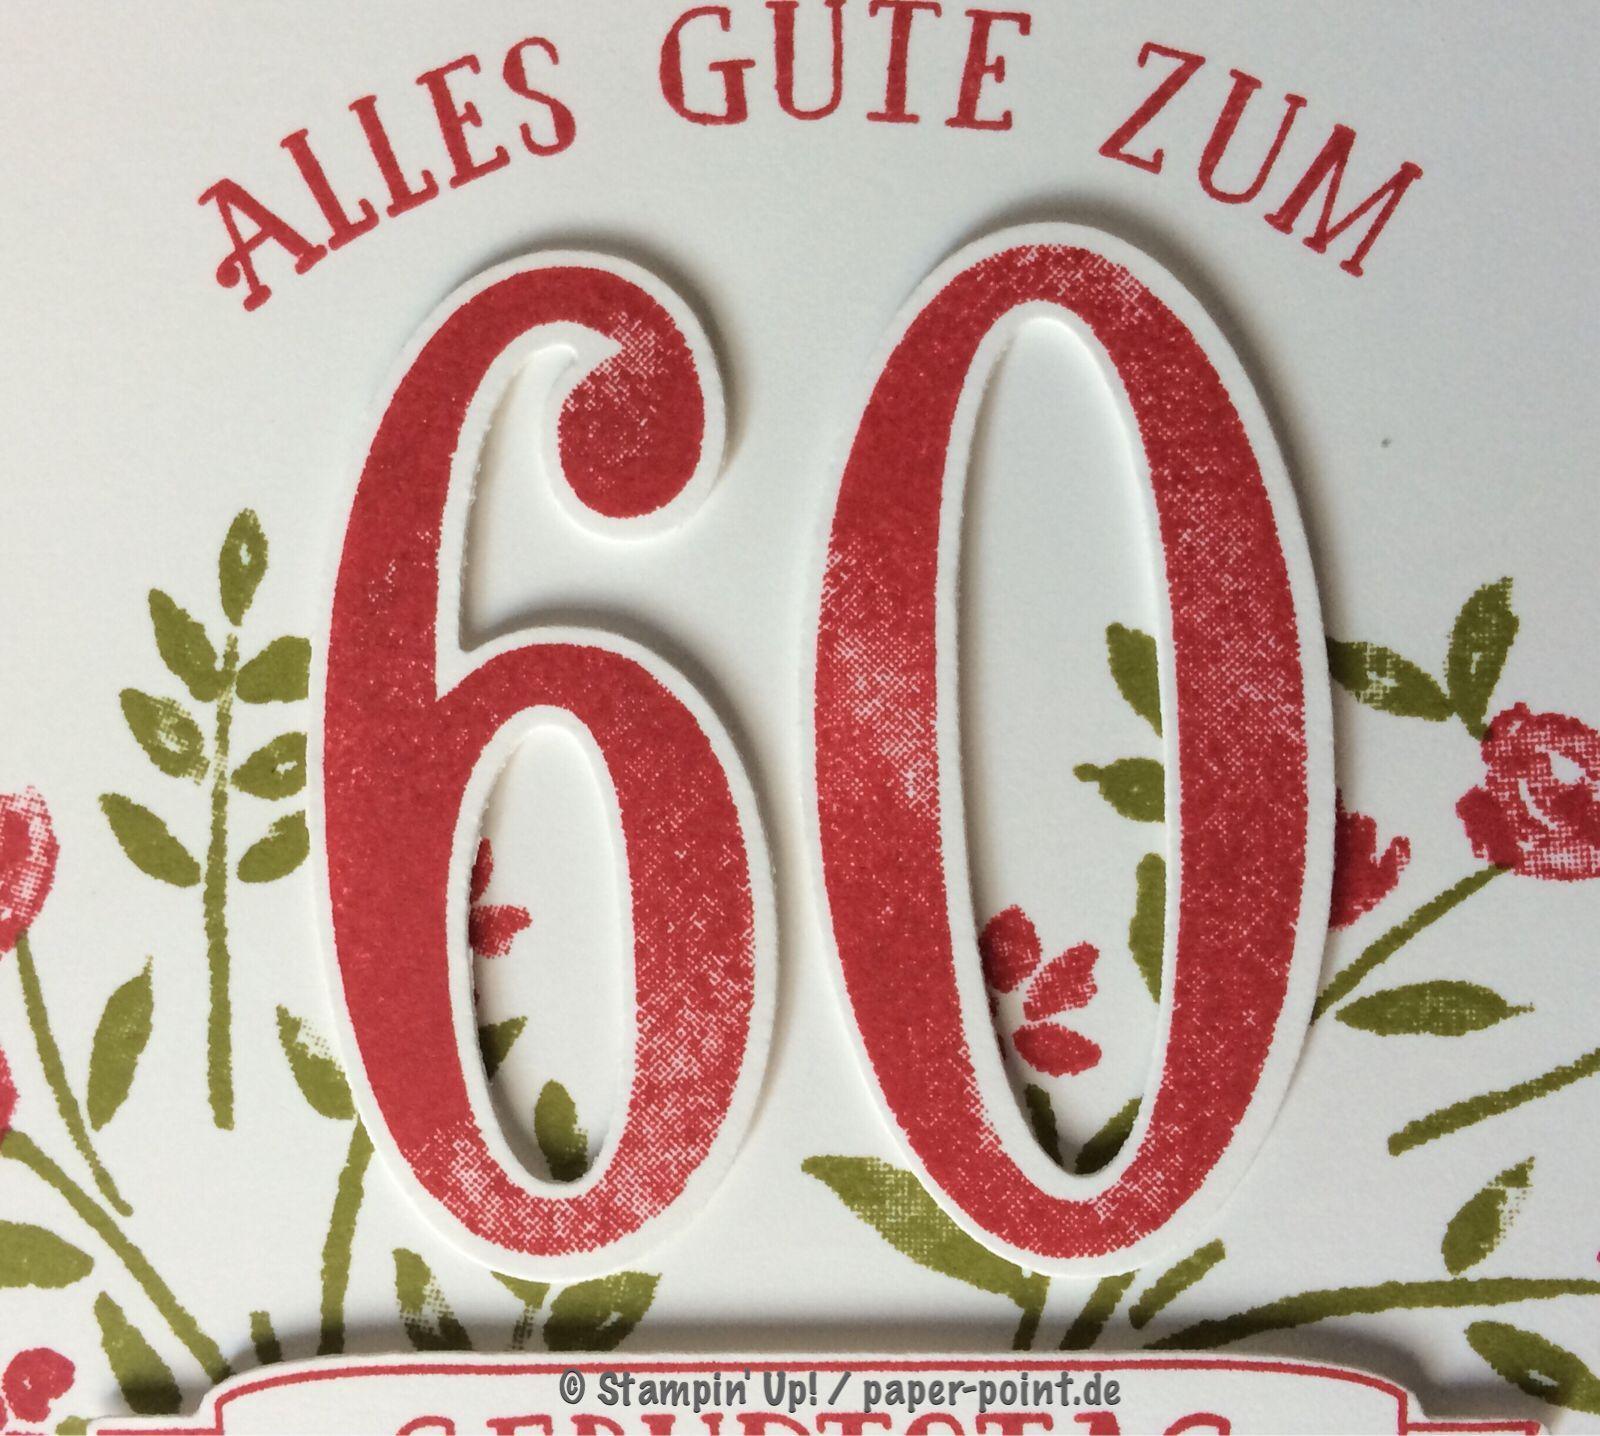 Lustige Bilder Zum 60 Geburtstag Einer Frau Geburtstag Einladung